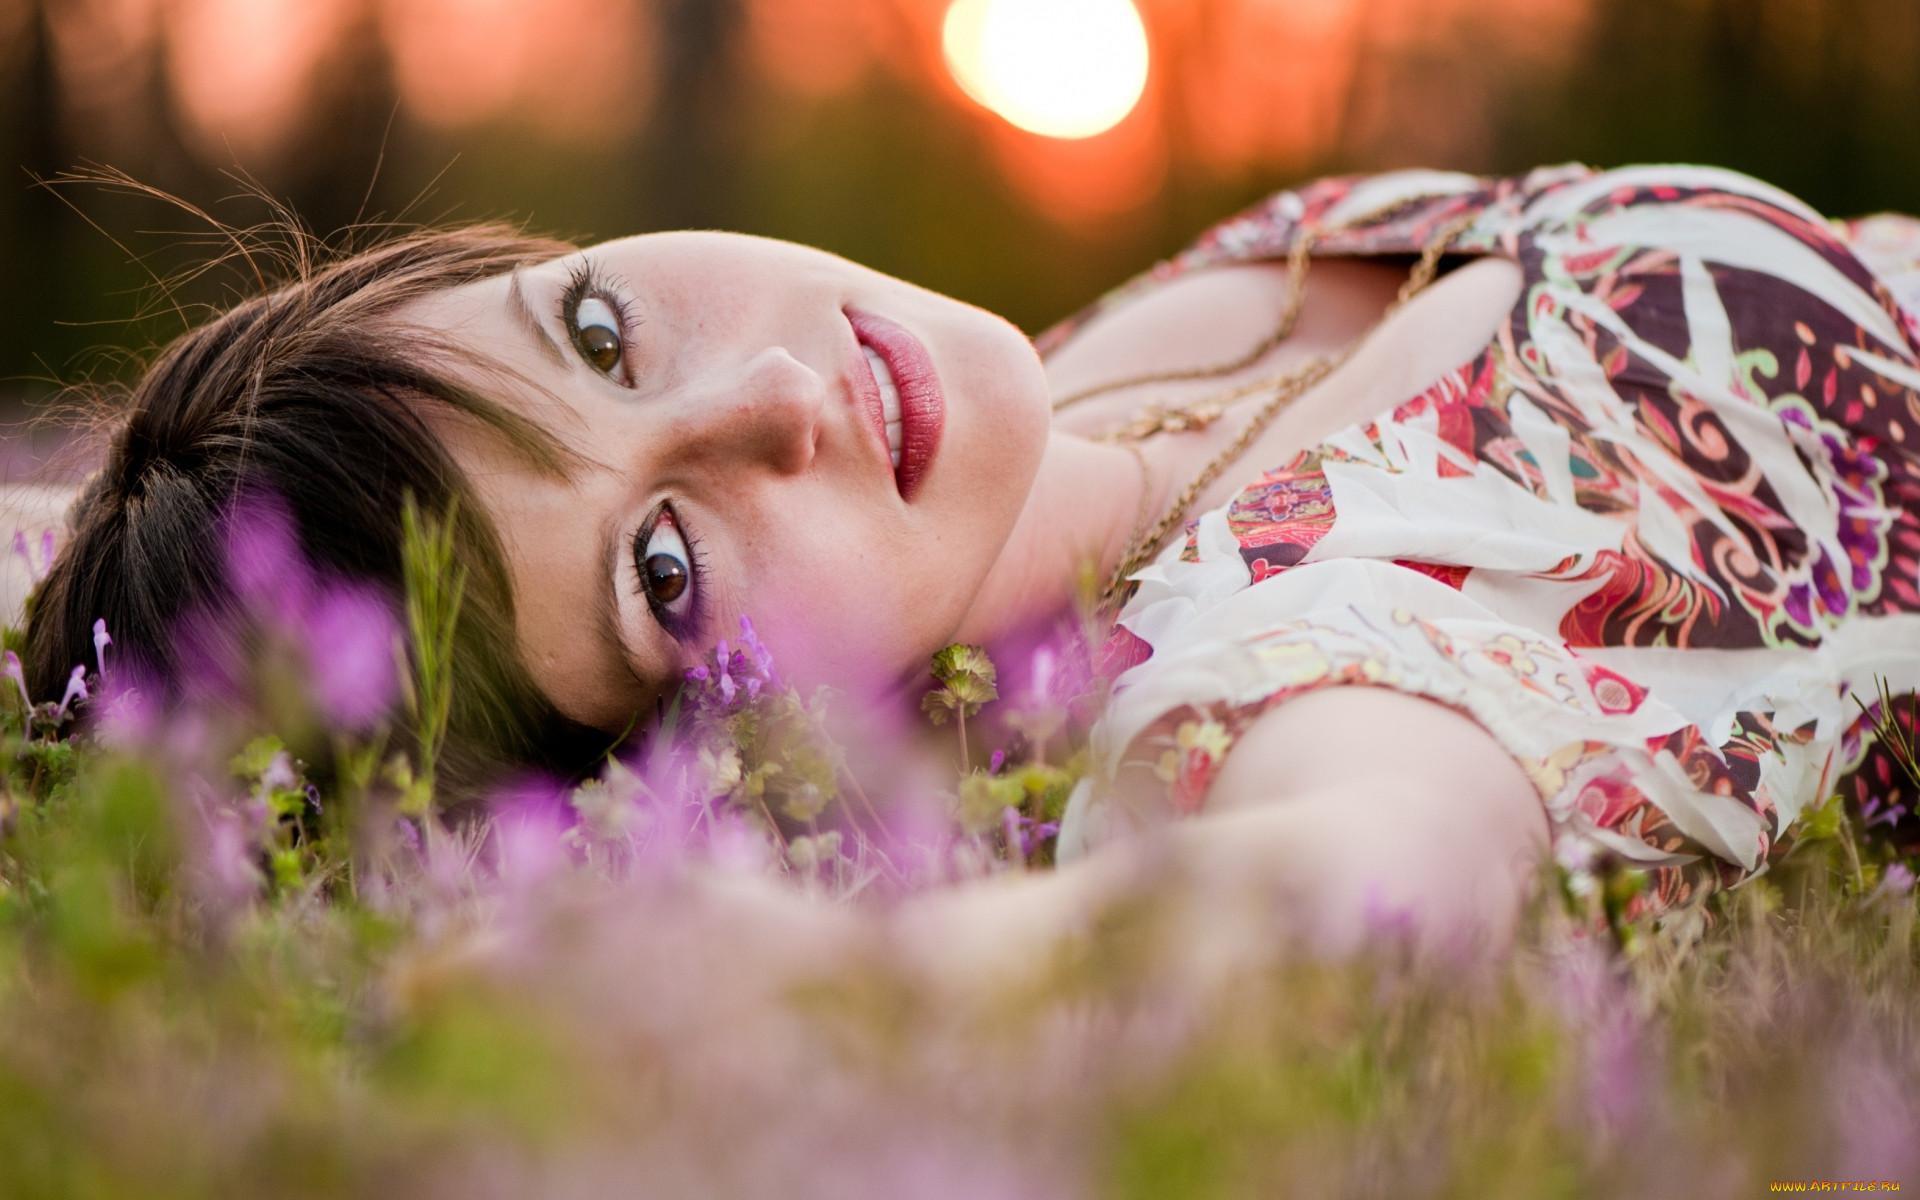 девушки, -unsort , брюнетки, темноволосые, лицо, шатенка, цепочки, цветы, луг, трава